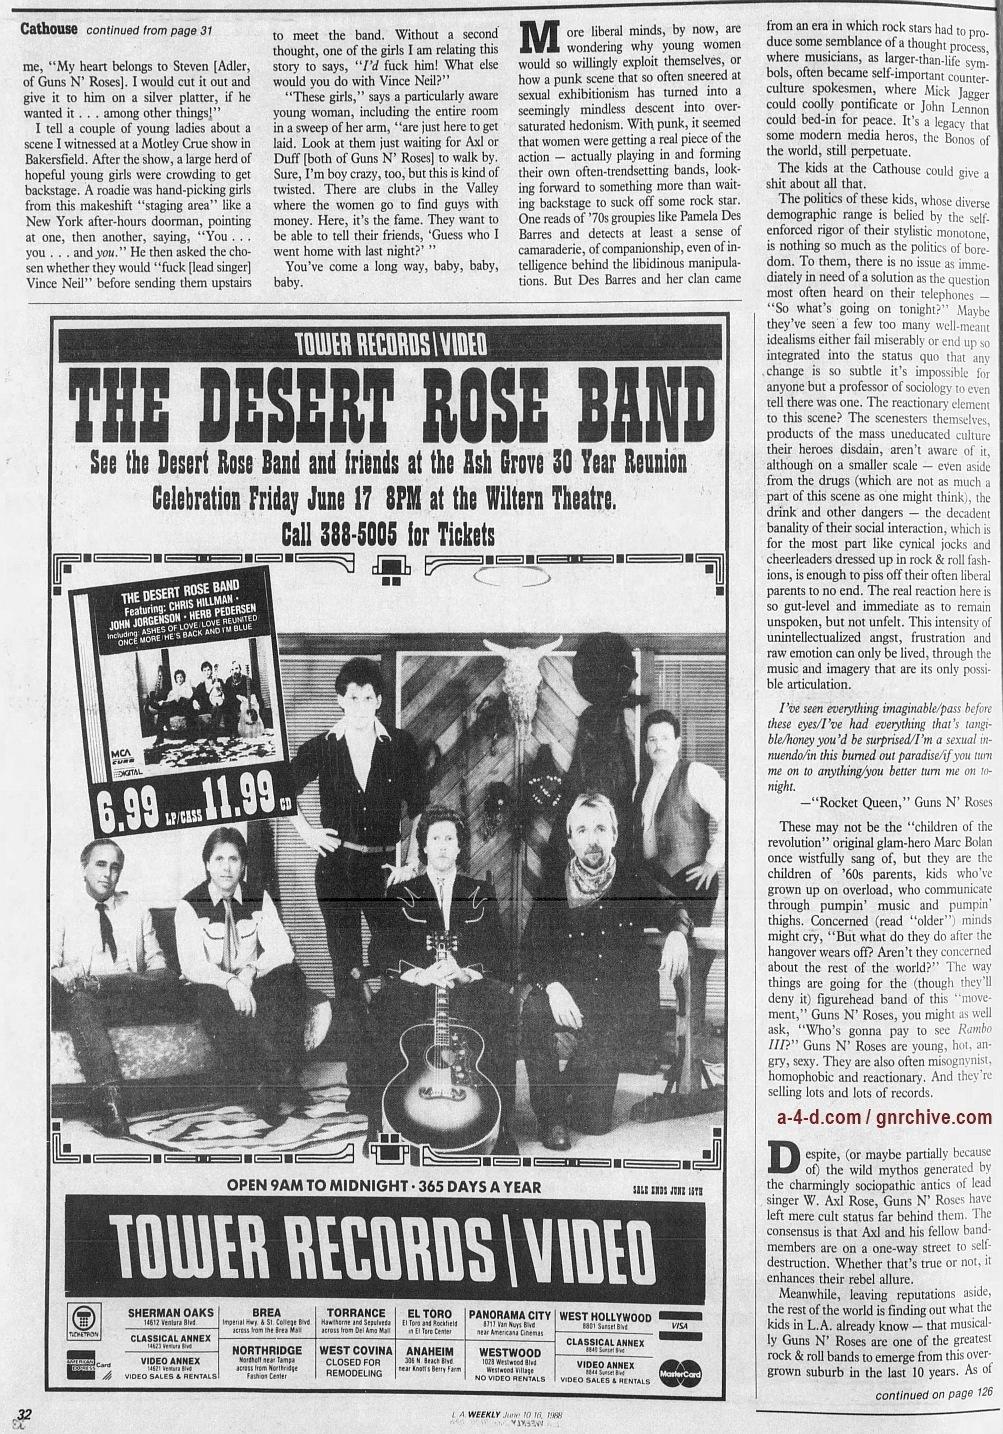 1988.06.10 - L.A. Weekly - Bad Boys, Great Noize (Axl, Slash, Duff) 1988_086